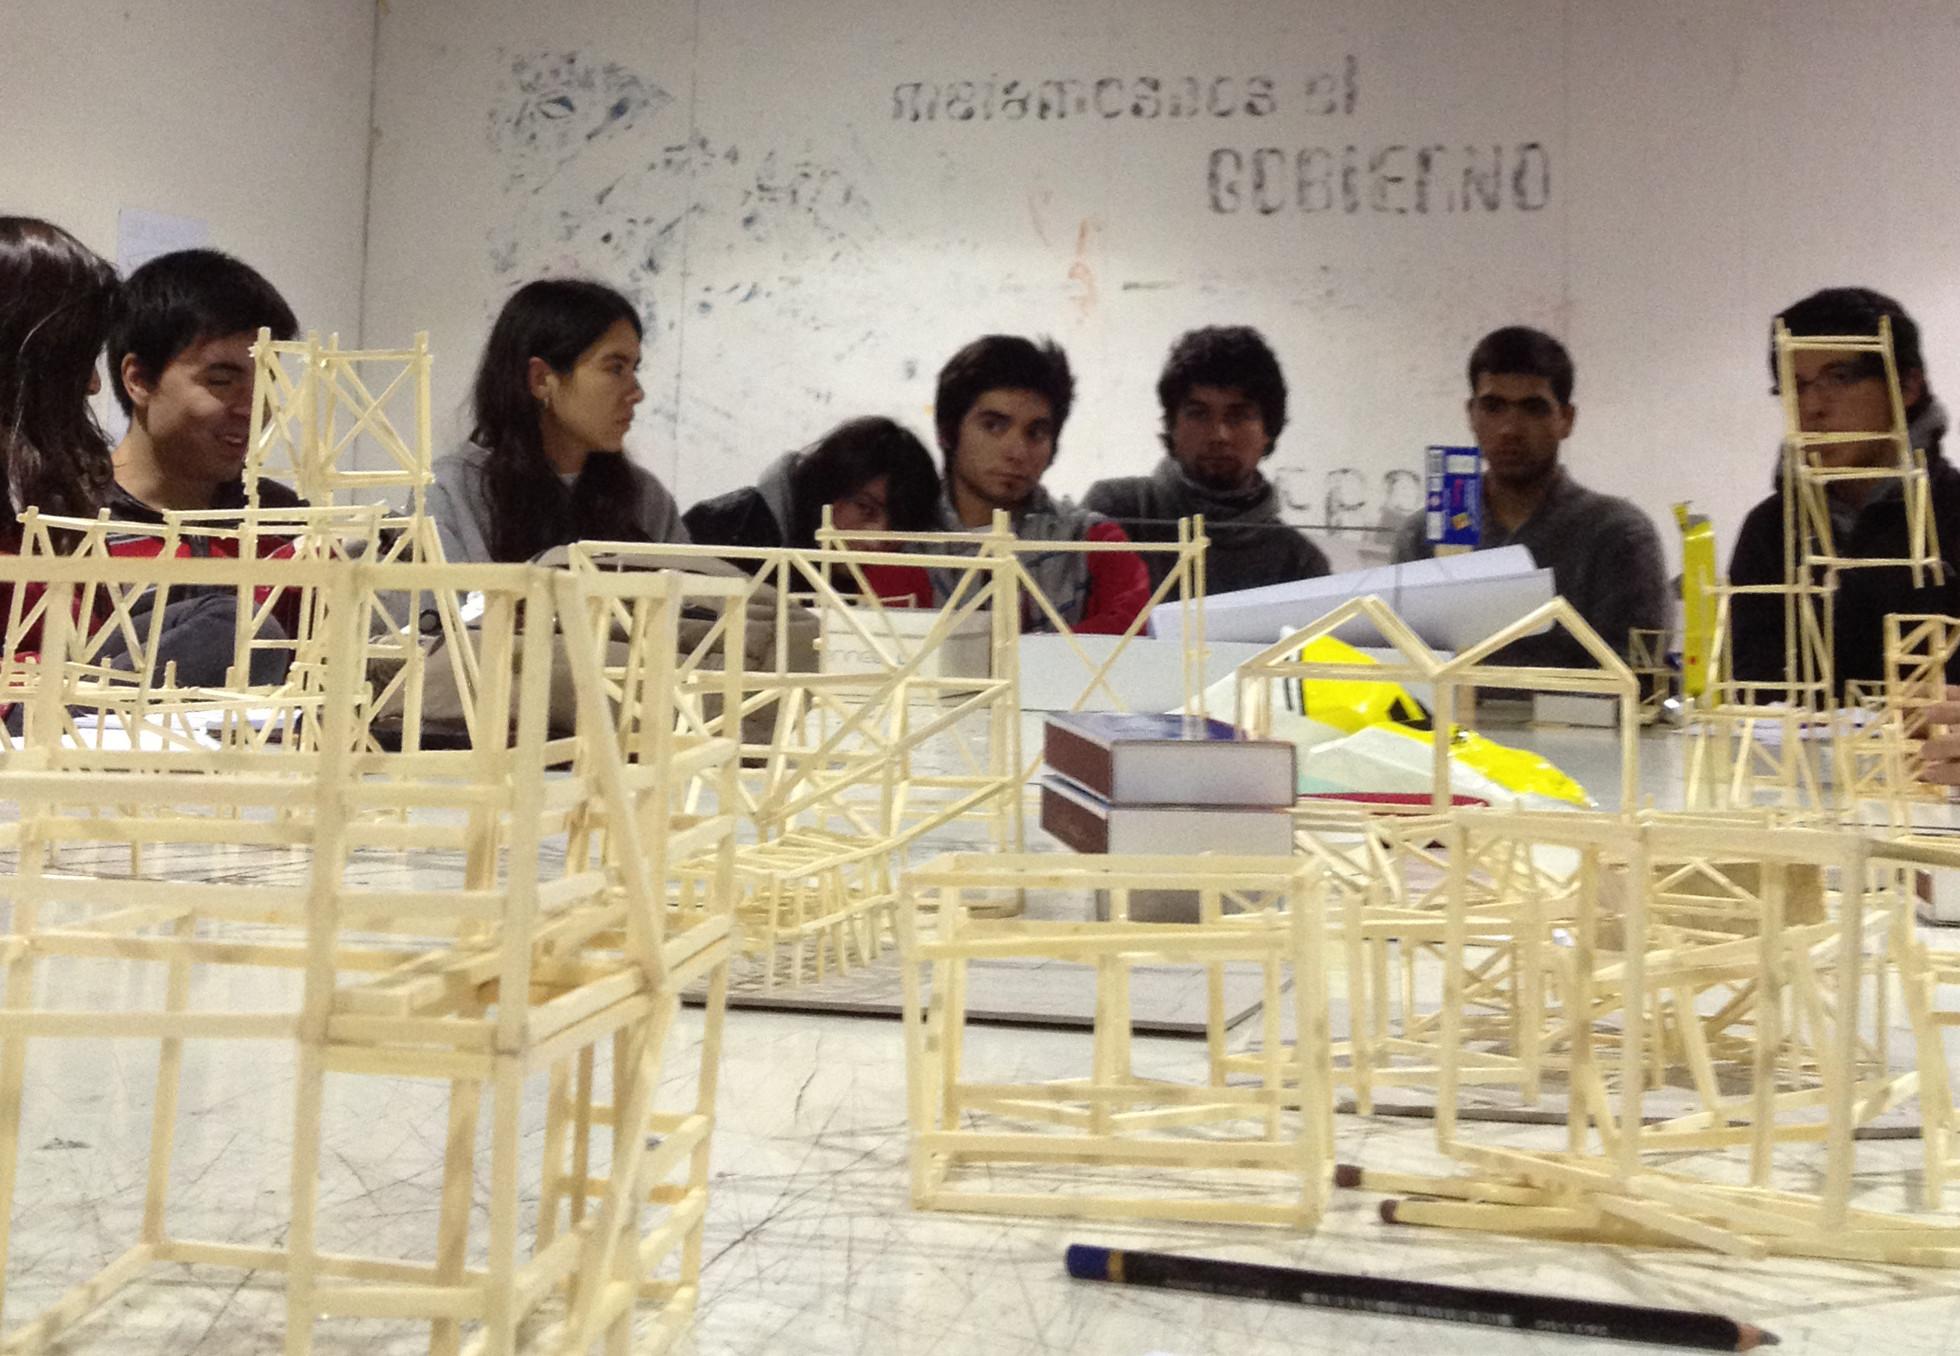 Cuáles son las mejores universidades para estudiar arquitectura en  Latinoamérica en 2015? | Plataforma Arquitectura